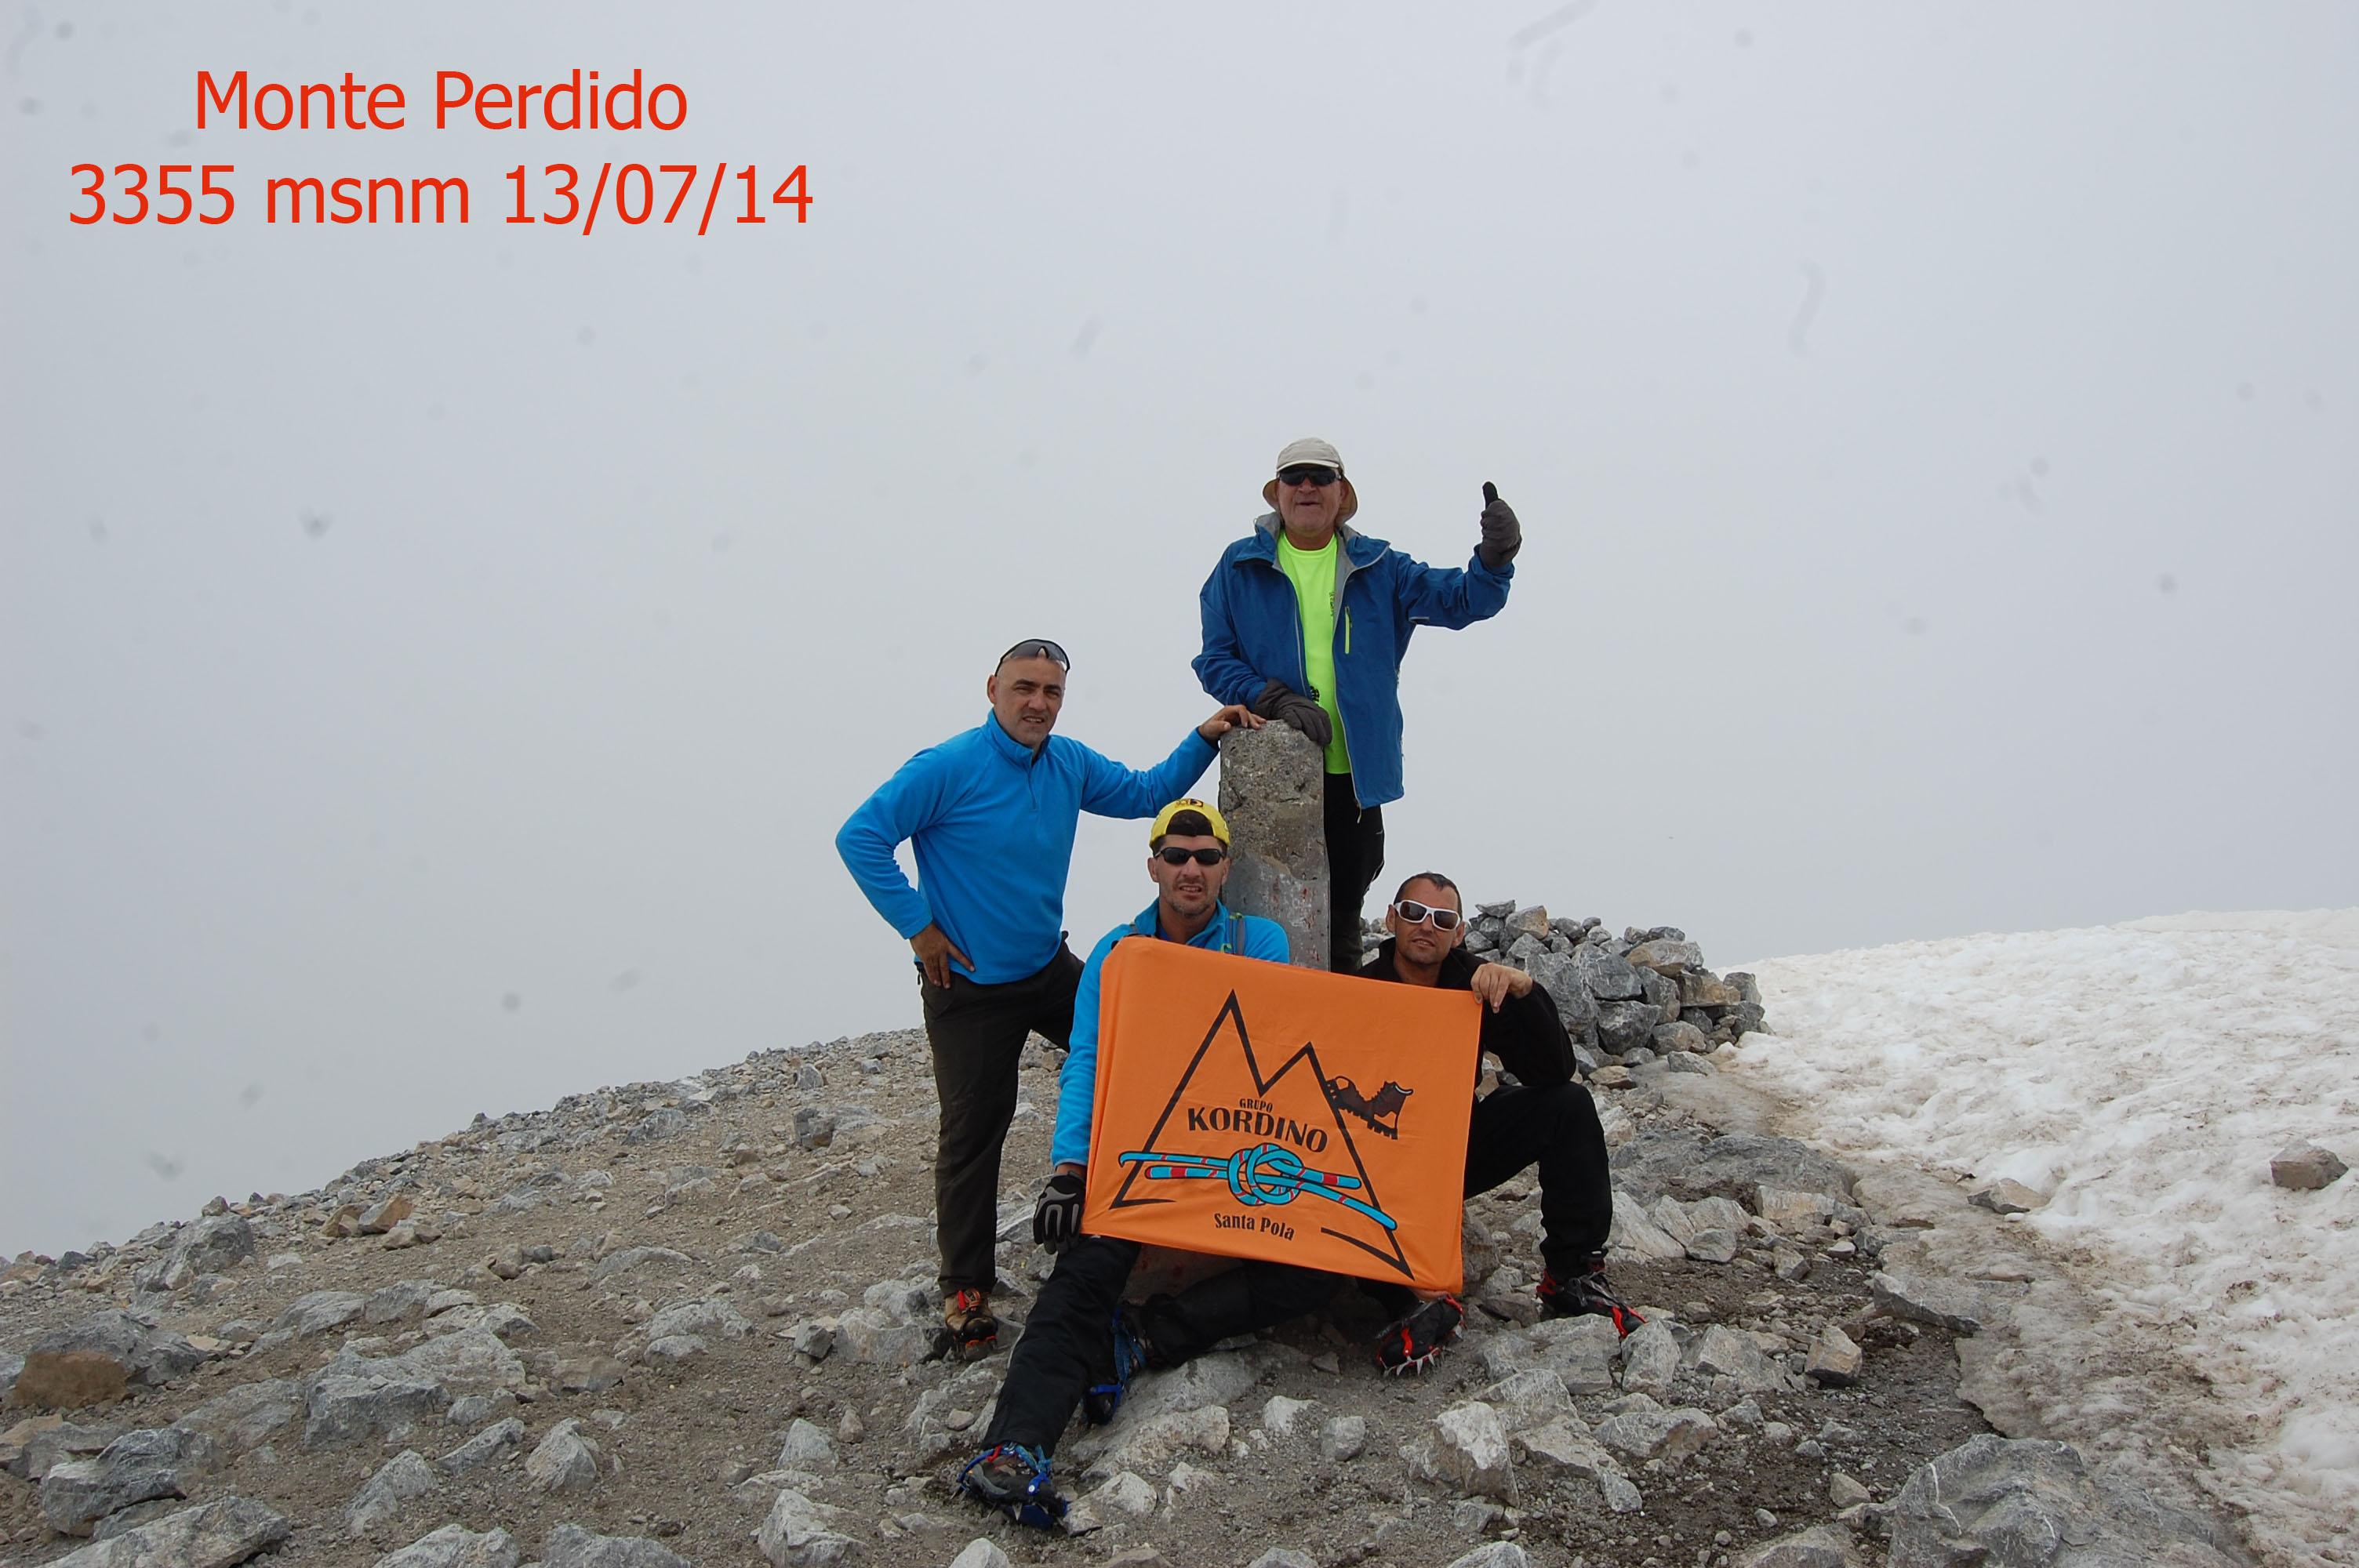 Monte Perdido 3355 msnm copia